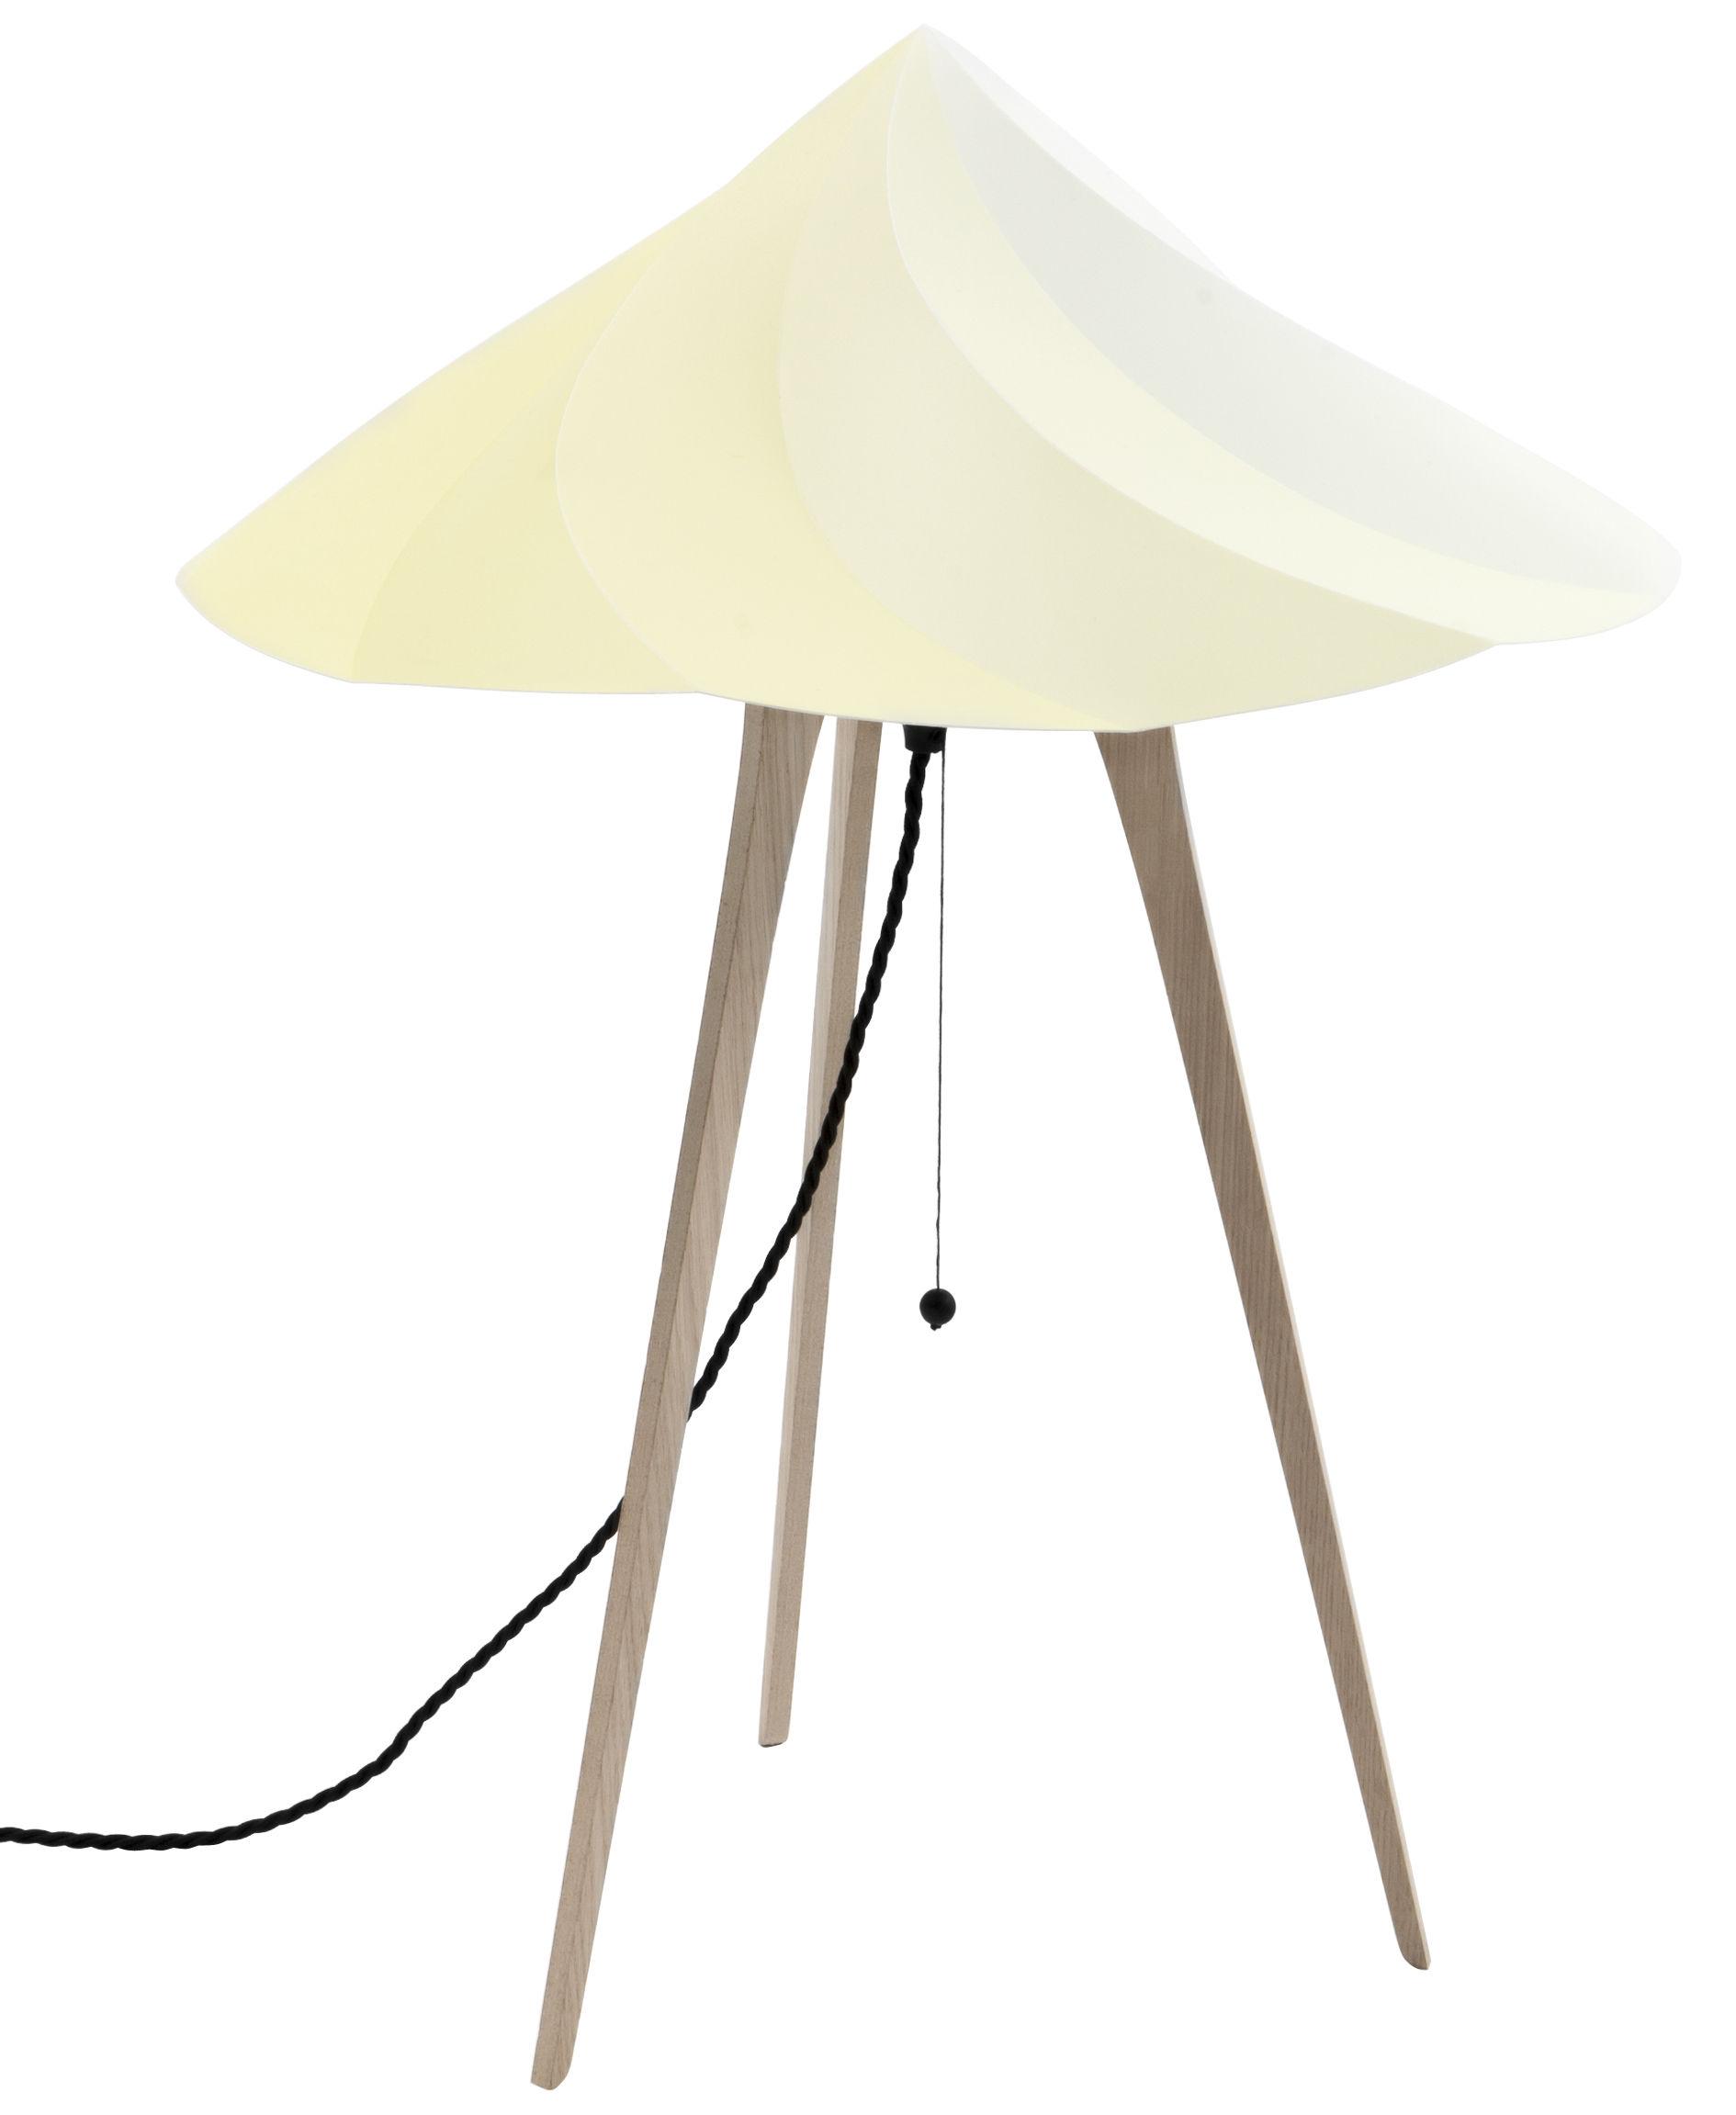 Illuminazione - Lampade da tavolo - Lampada da posa Chantilly Large - / H 65 cm di Moustache - Giallo - Multistrato di rovere, Polipropilene riciclato